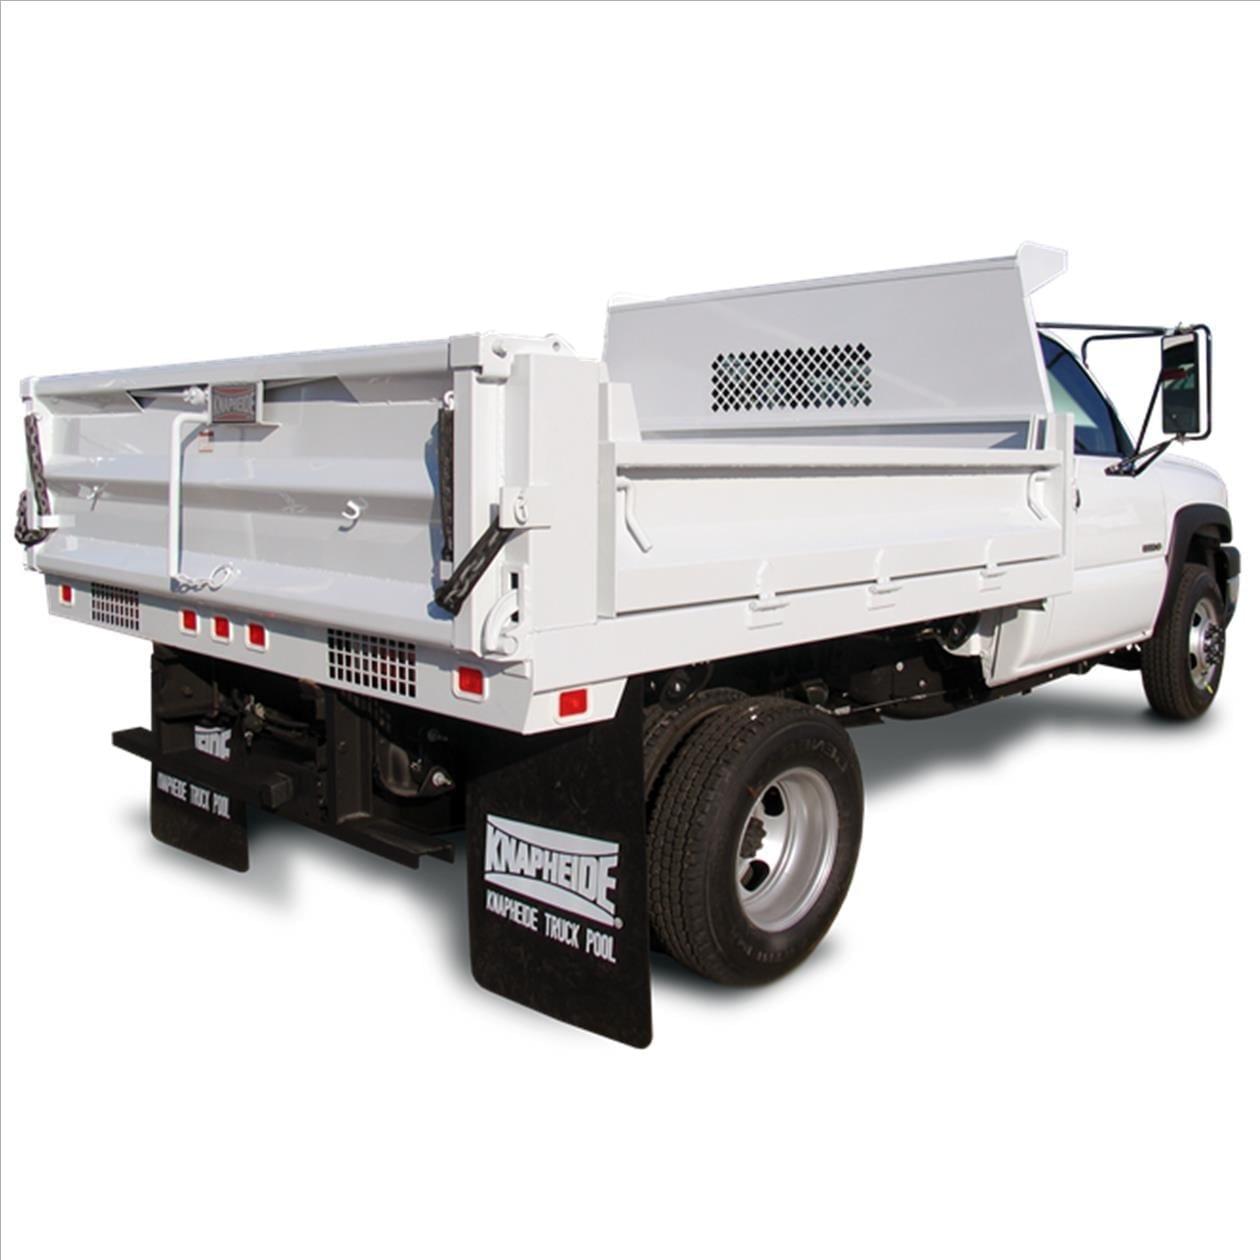 Truck Van Equipment Upfitters Power Supply For Lights In Trailer Vehicles Contractor Talk Dump